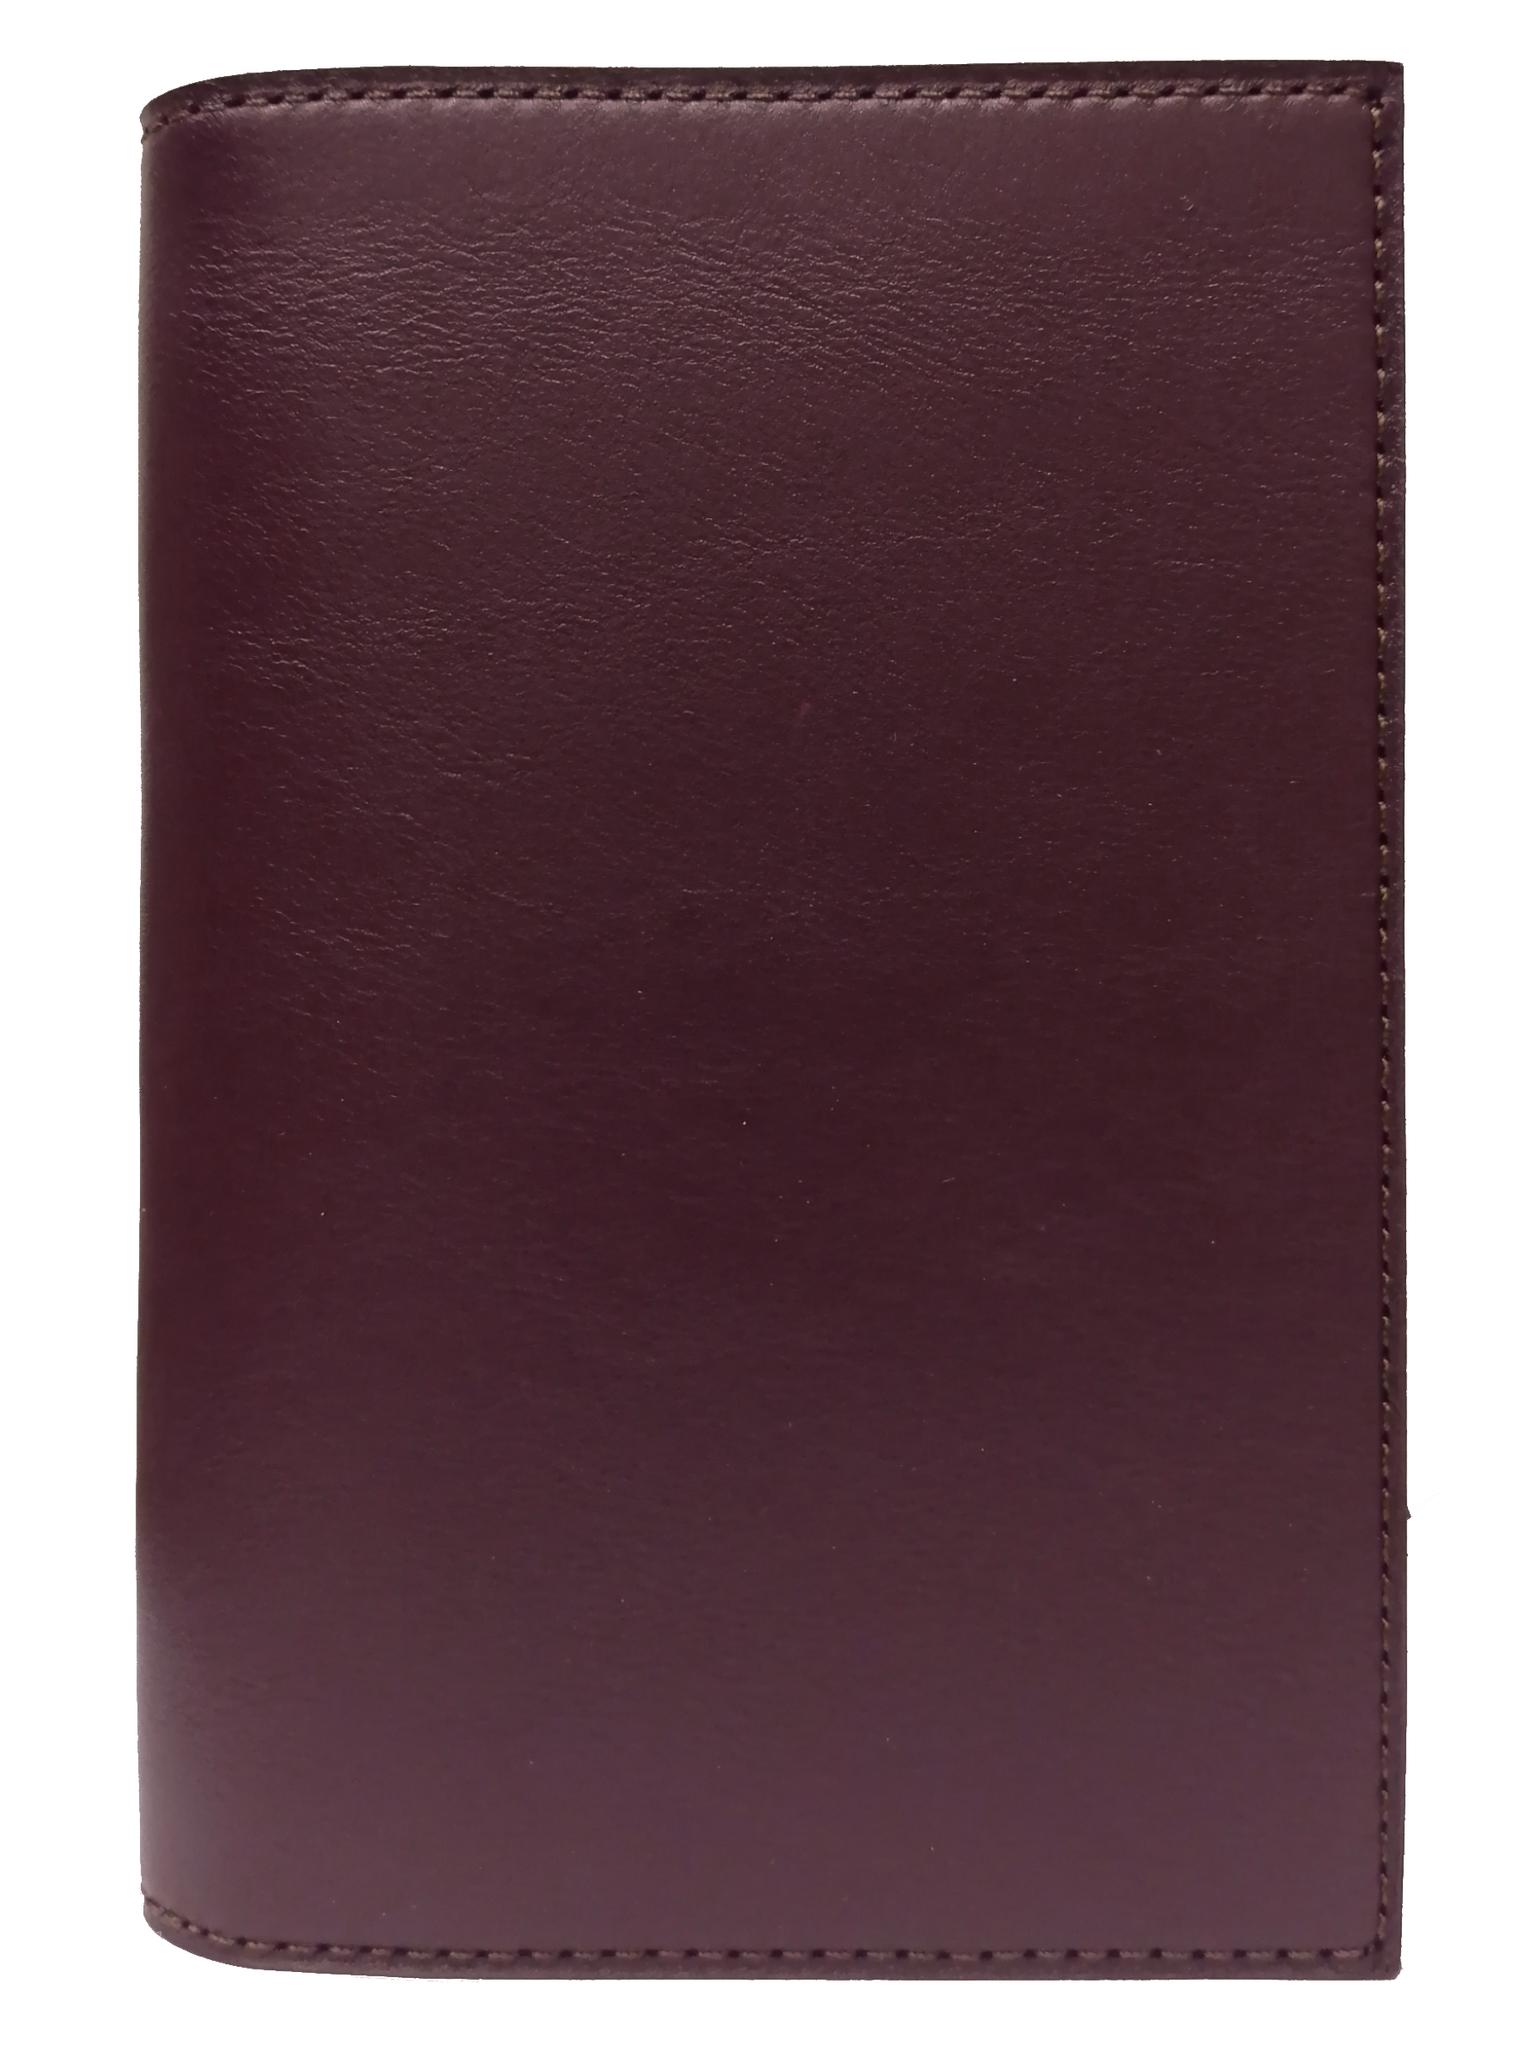 Обложка для паспорта с карманами | Бордо